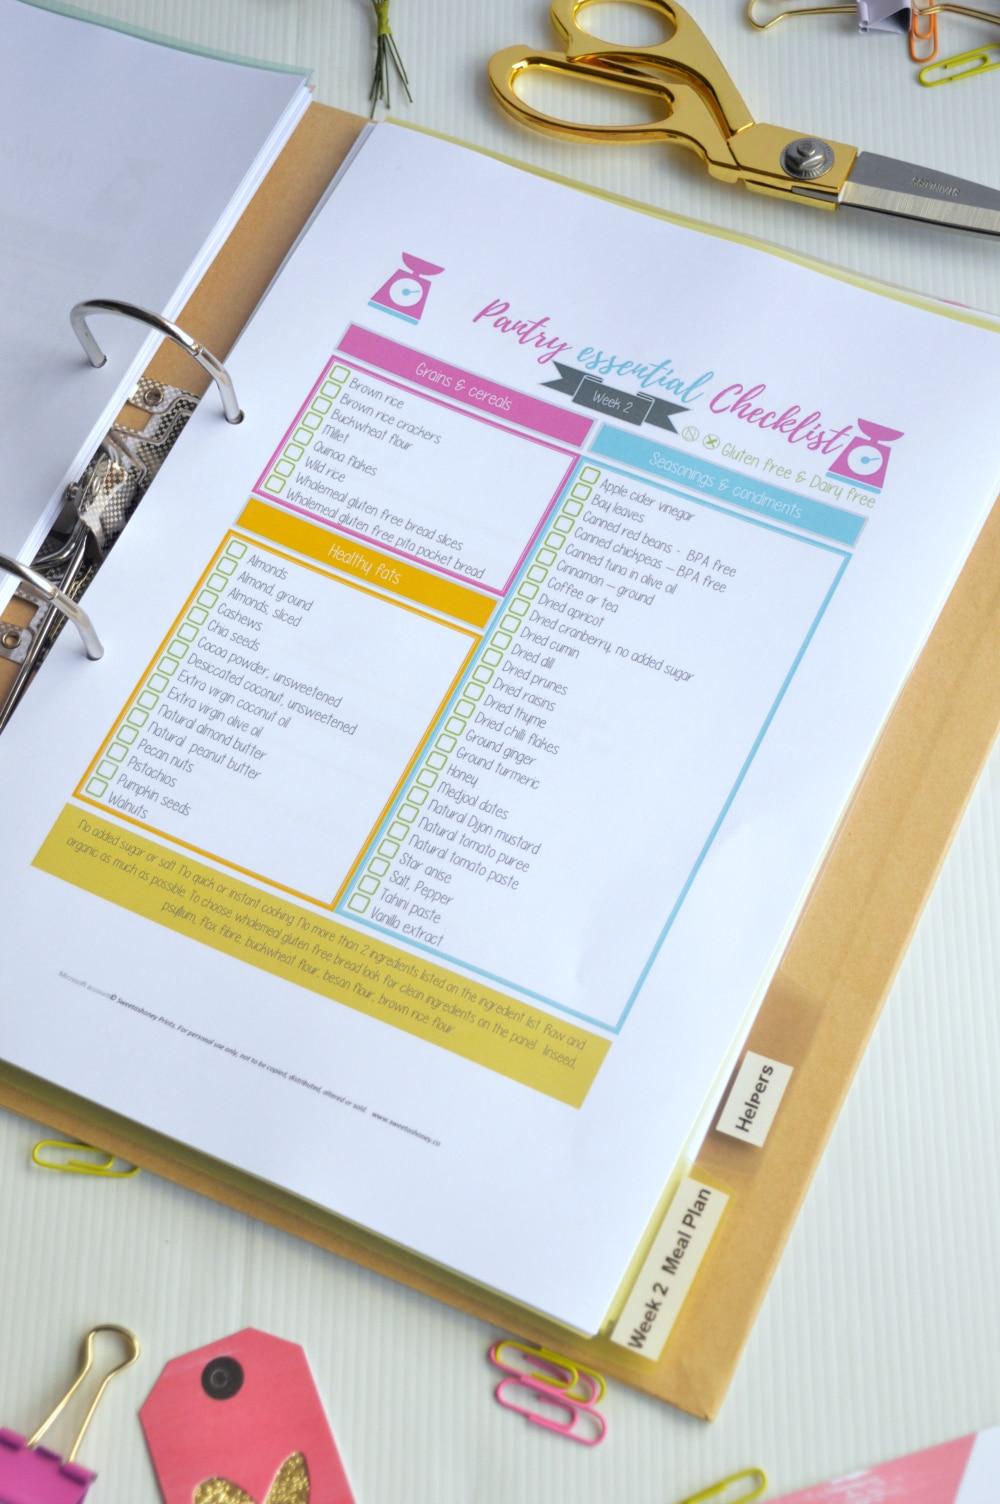 pantry checklistweek 2